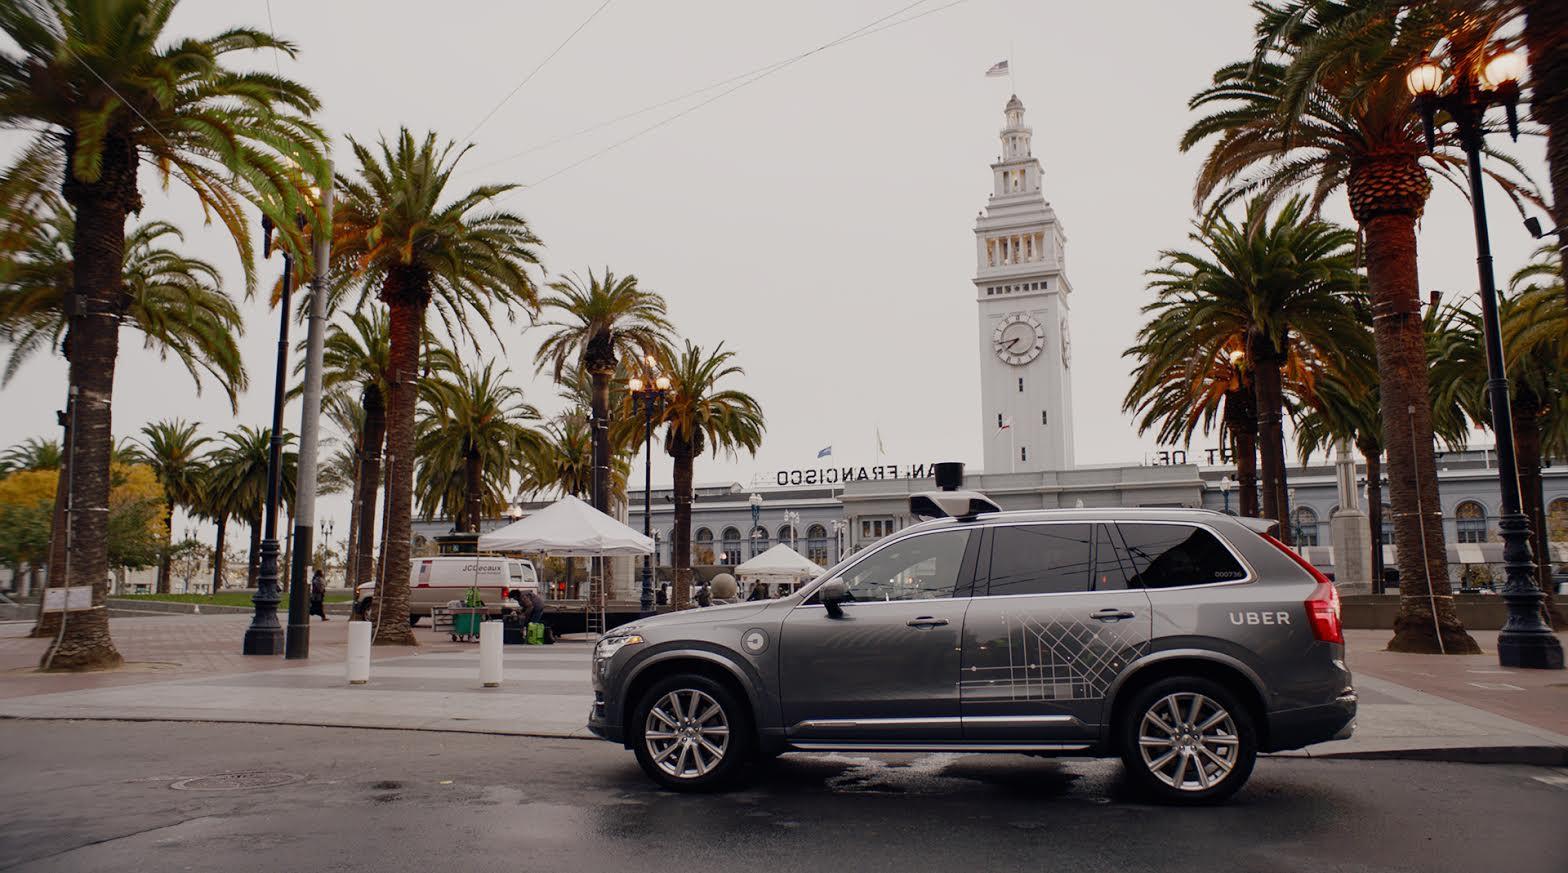 کالیفرنیا اجازه تردد خودروهای خودران بدون راننده را در سال آینده خواهد داد